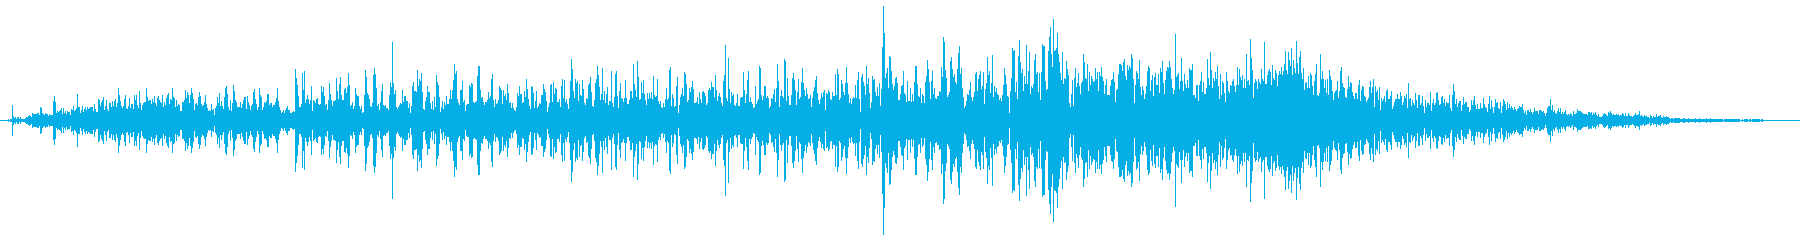 小さなロボットの動き、SCI FI...の再生済みの波形